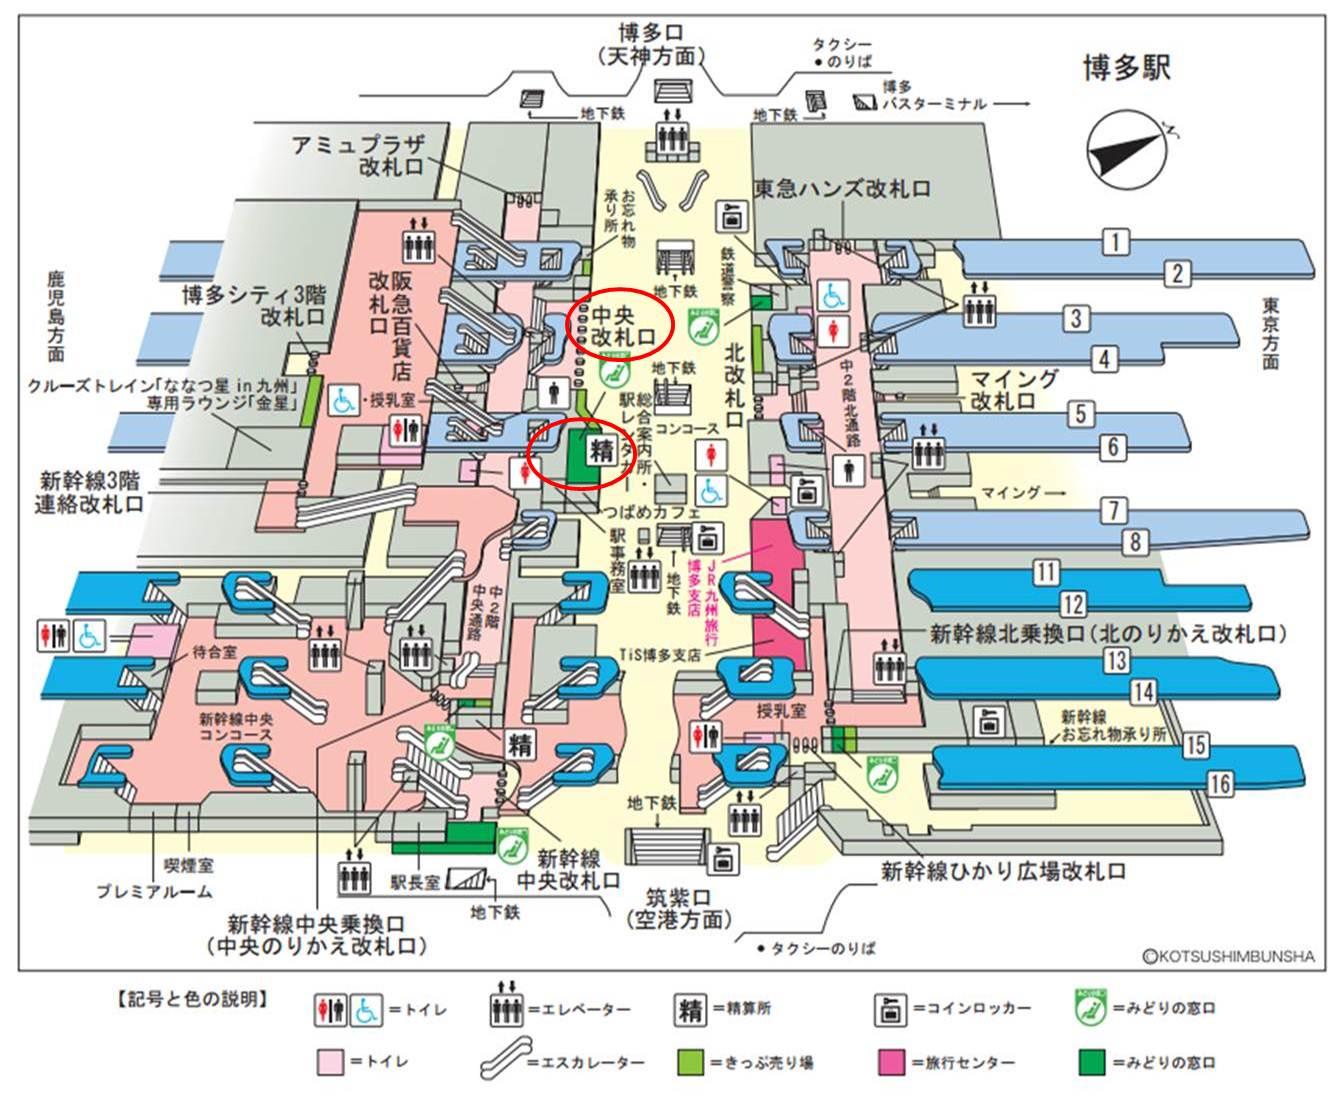 小瓜牛的窩: 【九州.福岡】2014 0812 - 03 博多車站 北九州 JR PASS - 中央口綠色窗口很busy 可通英文